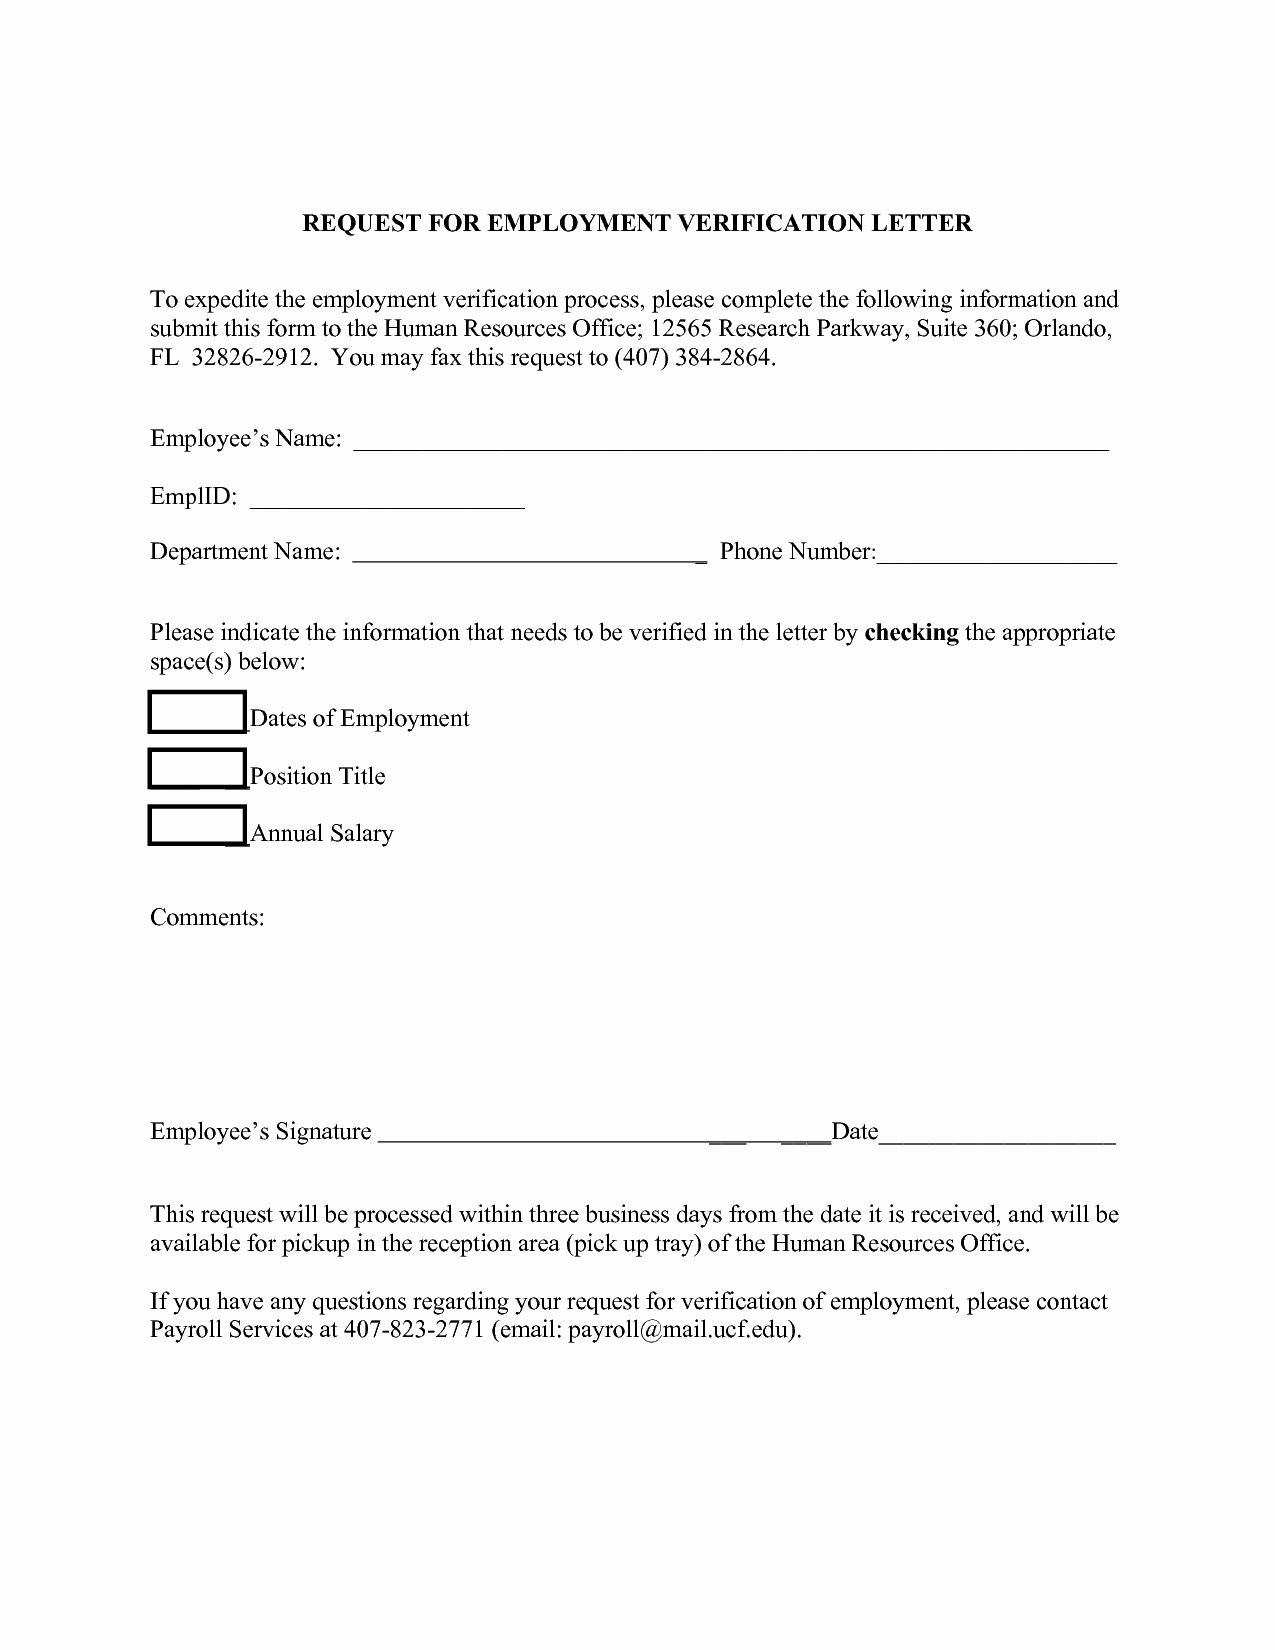 Employment Verification Request form Luxury top 10 Employment Verification Letter form & Template Daily Roabox